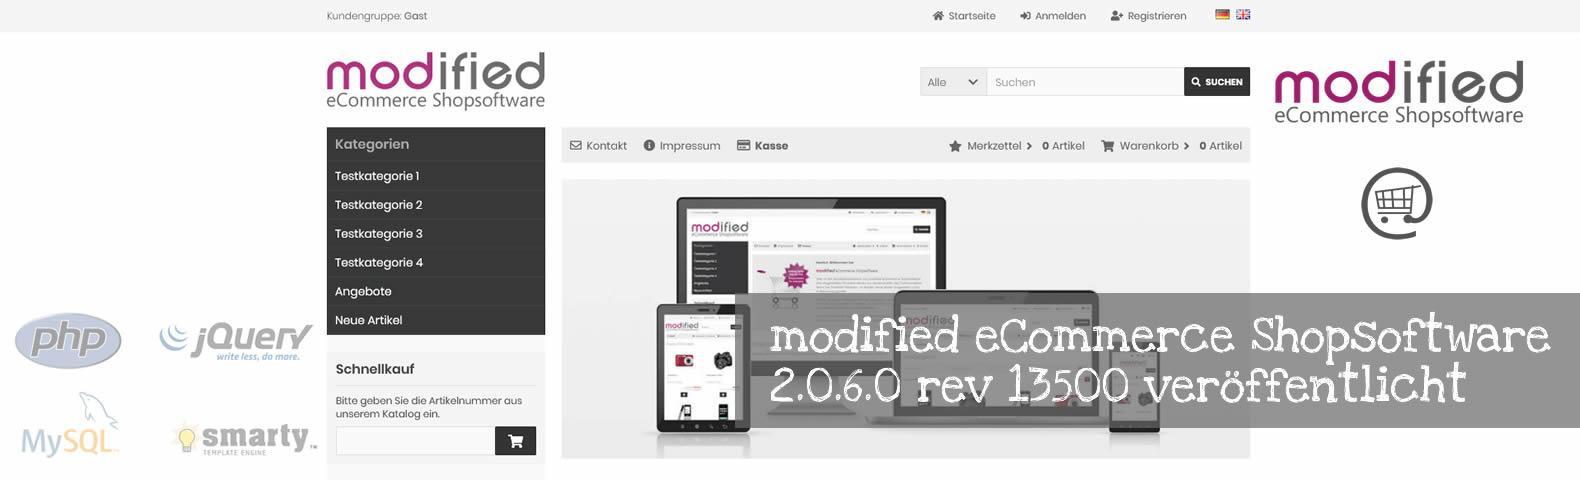 modified eCommerce Shopsoftware 2.0.6.0 rev 13500 veröffentlicht